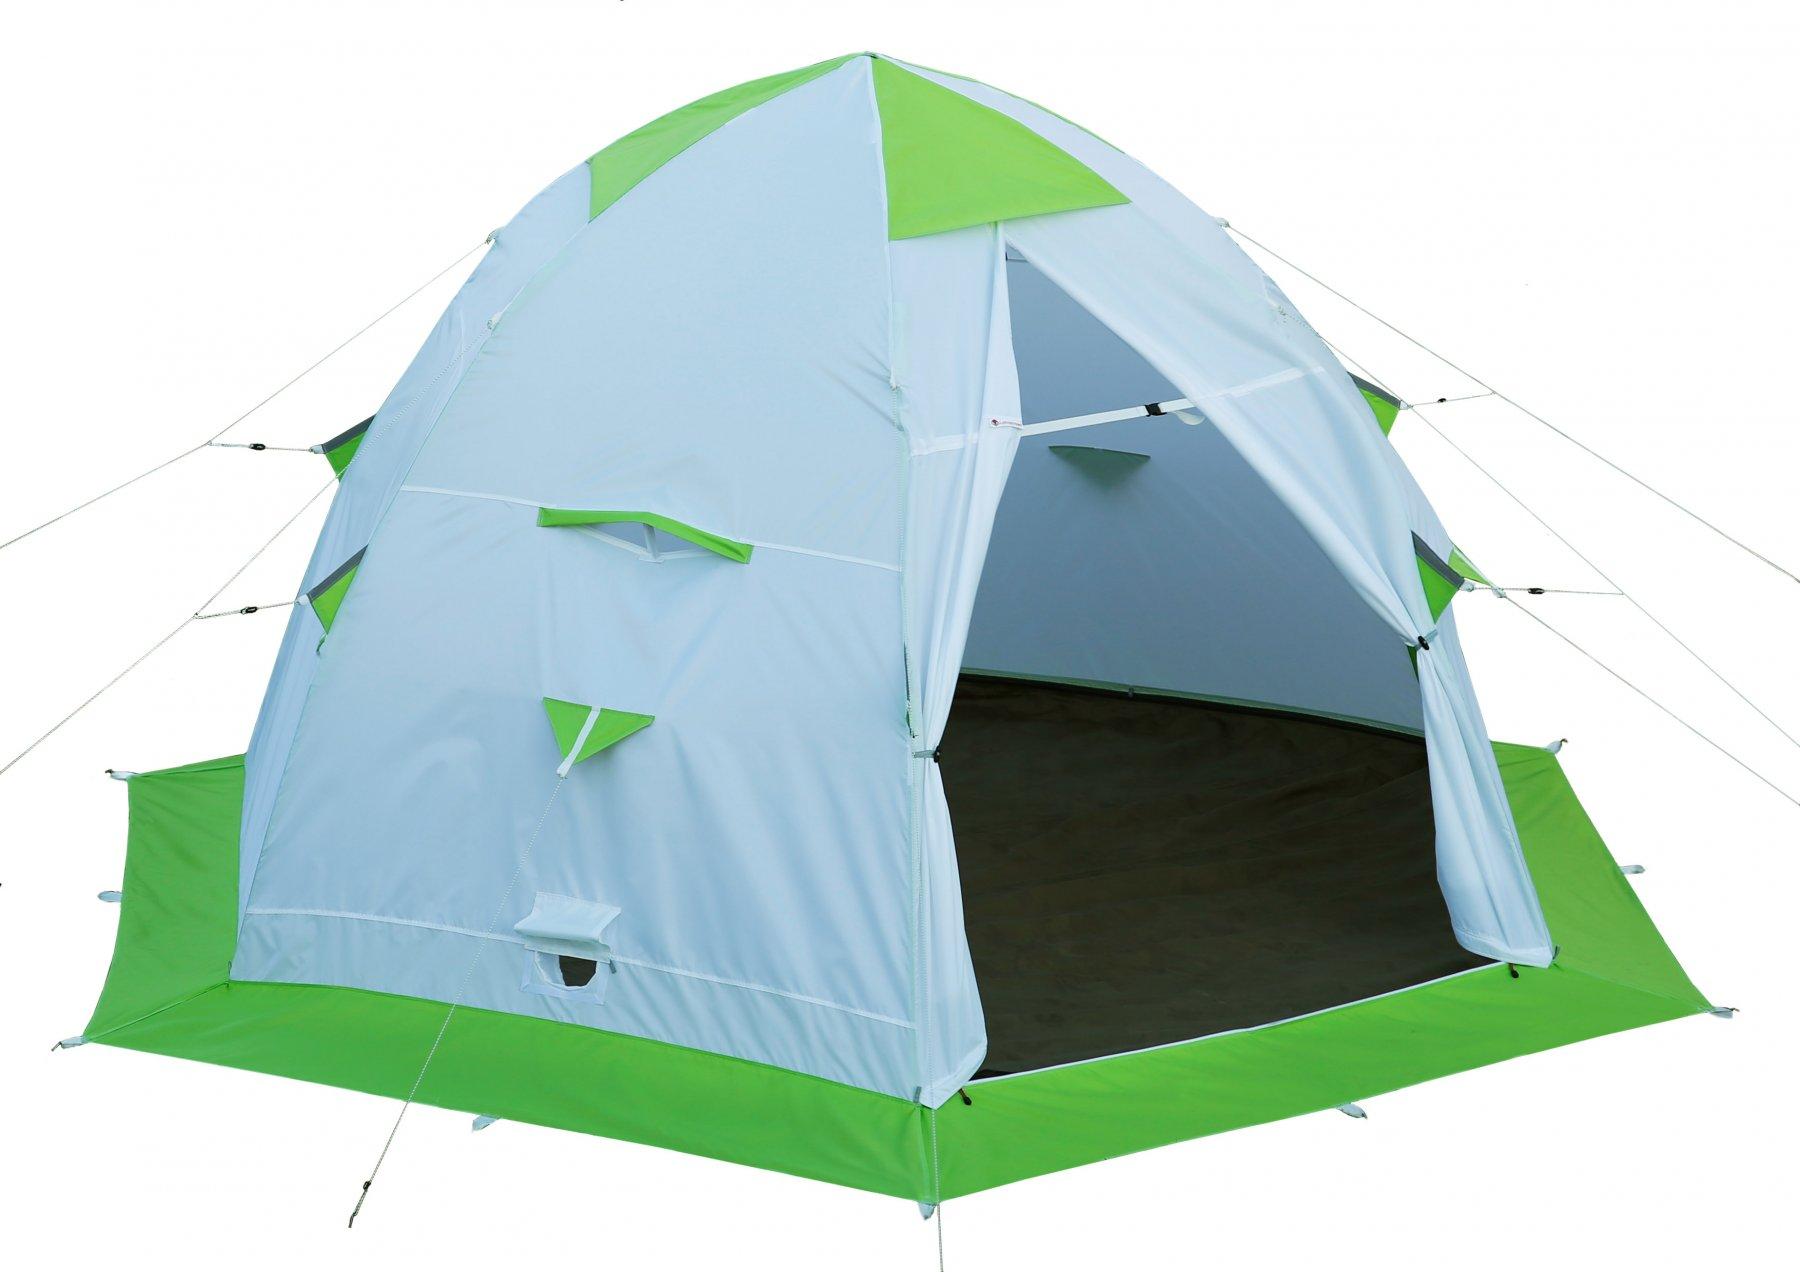 Зимняя палатка Лотос 5С с каркасом Л5-С12 (стеклокомпозитная арматура 12 мм) (+ Дарим комплект ввертышей для палаки.)